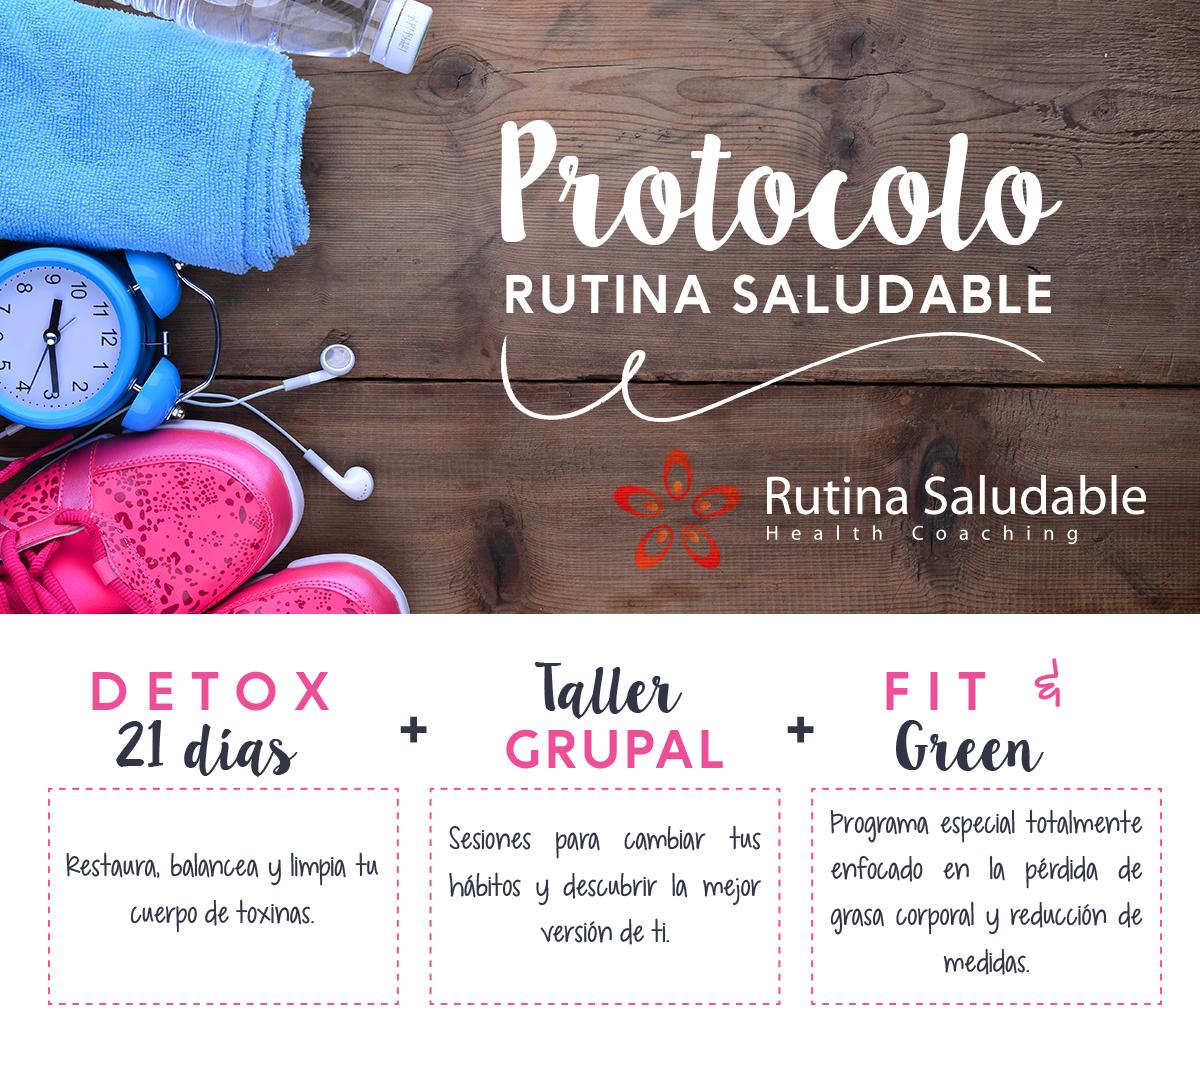 PROTOCOLO RUTINA SALUDABLE COMPLETO